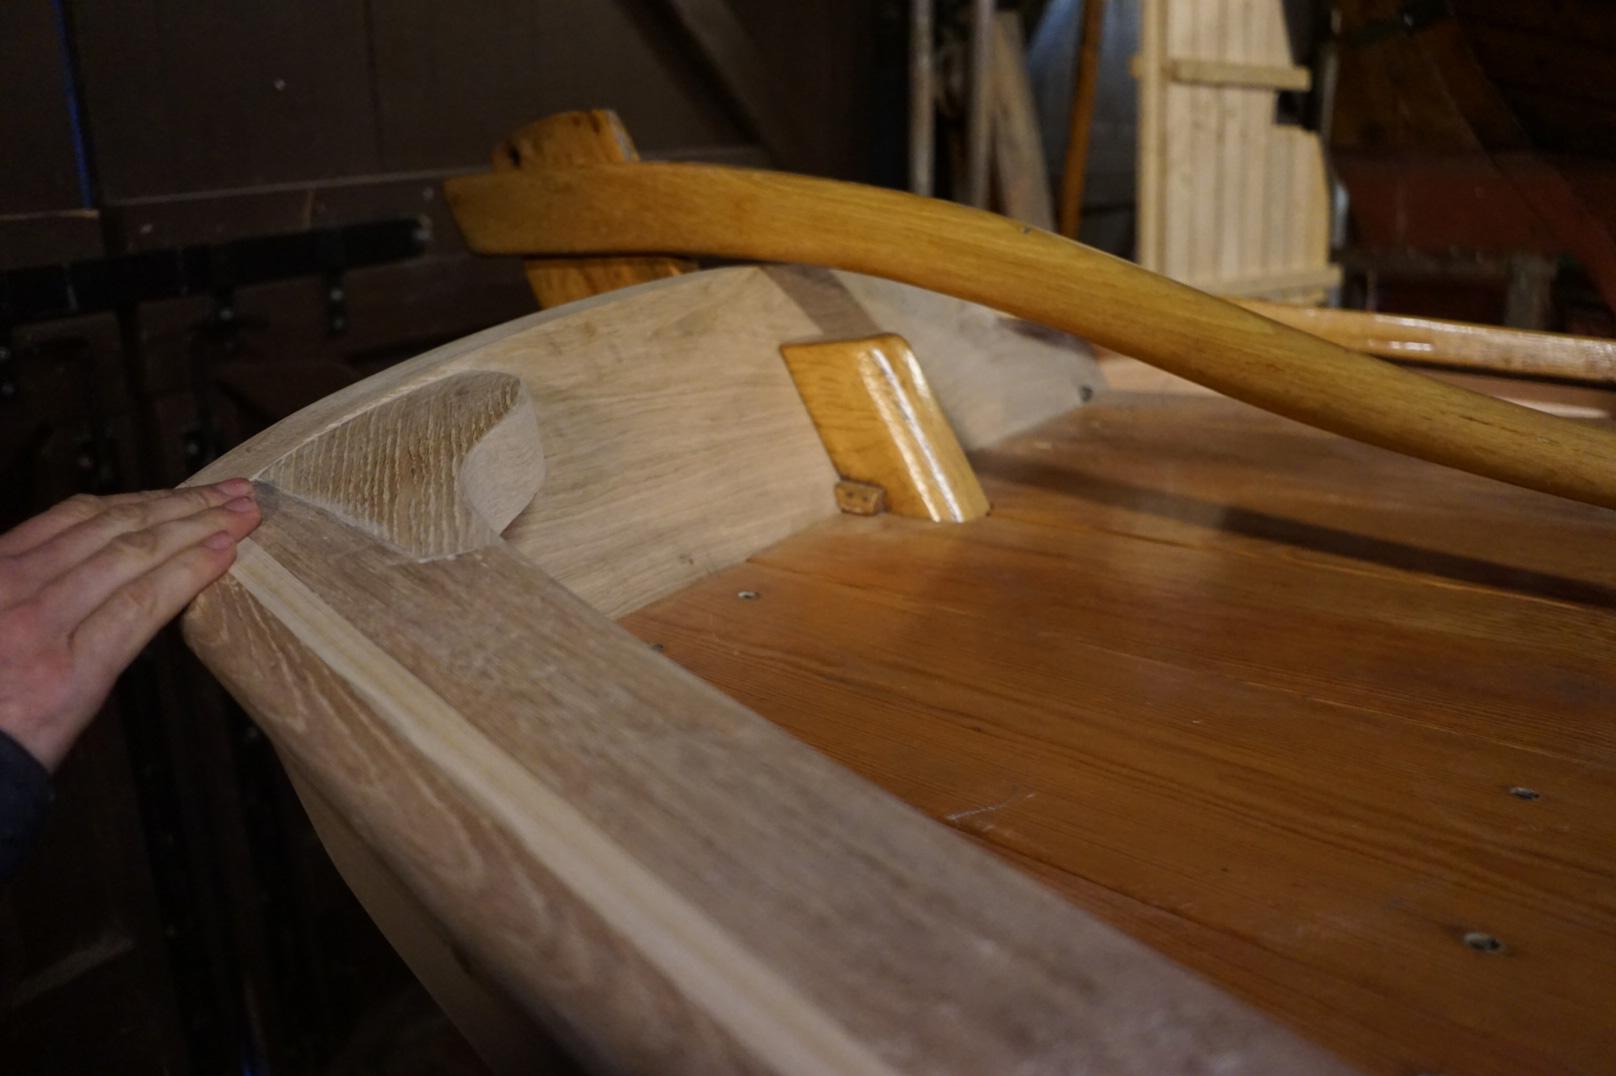 Vi ser fenderlisten er felt fint inn mellom ripa og bordgangene. Her ser vi det bak i båten mot roret